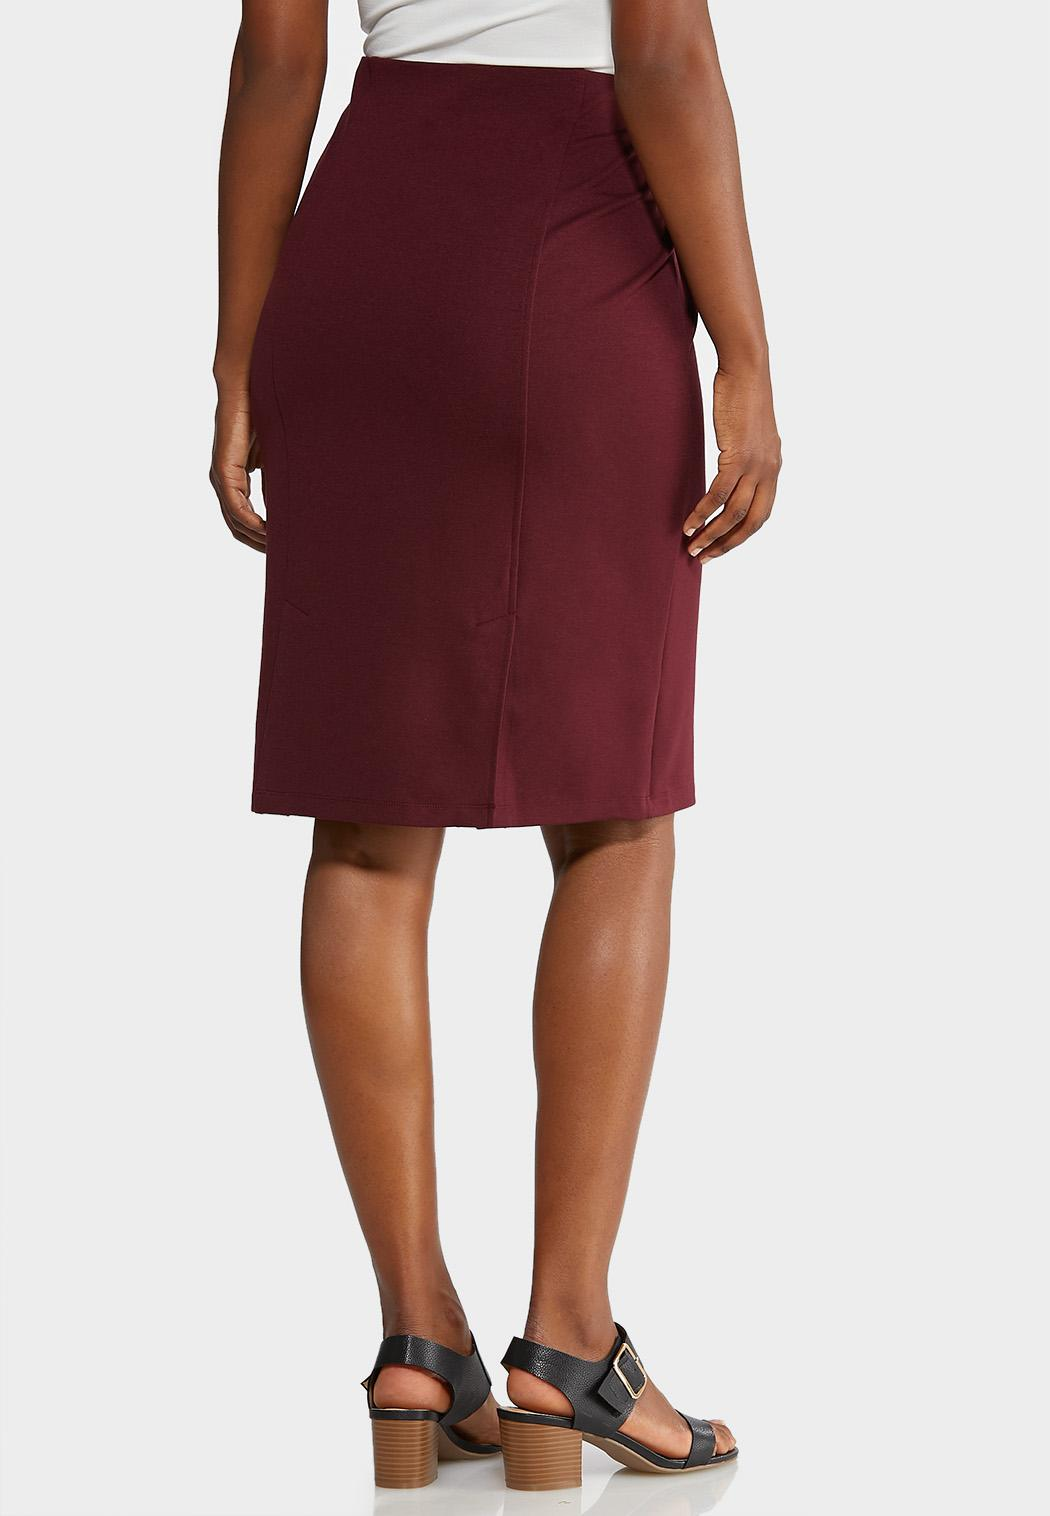 Ponte Pull-On Pencil Skirt (Item #43916041)